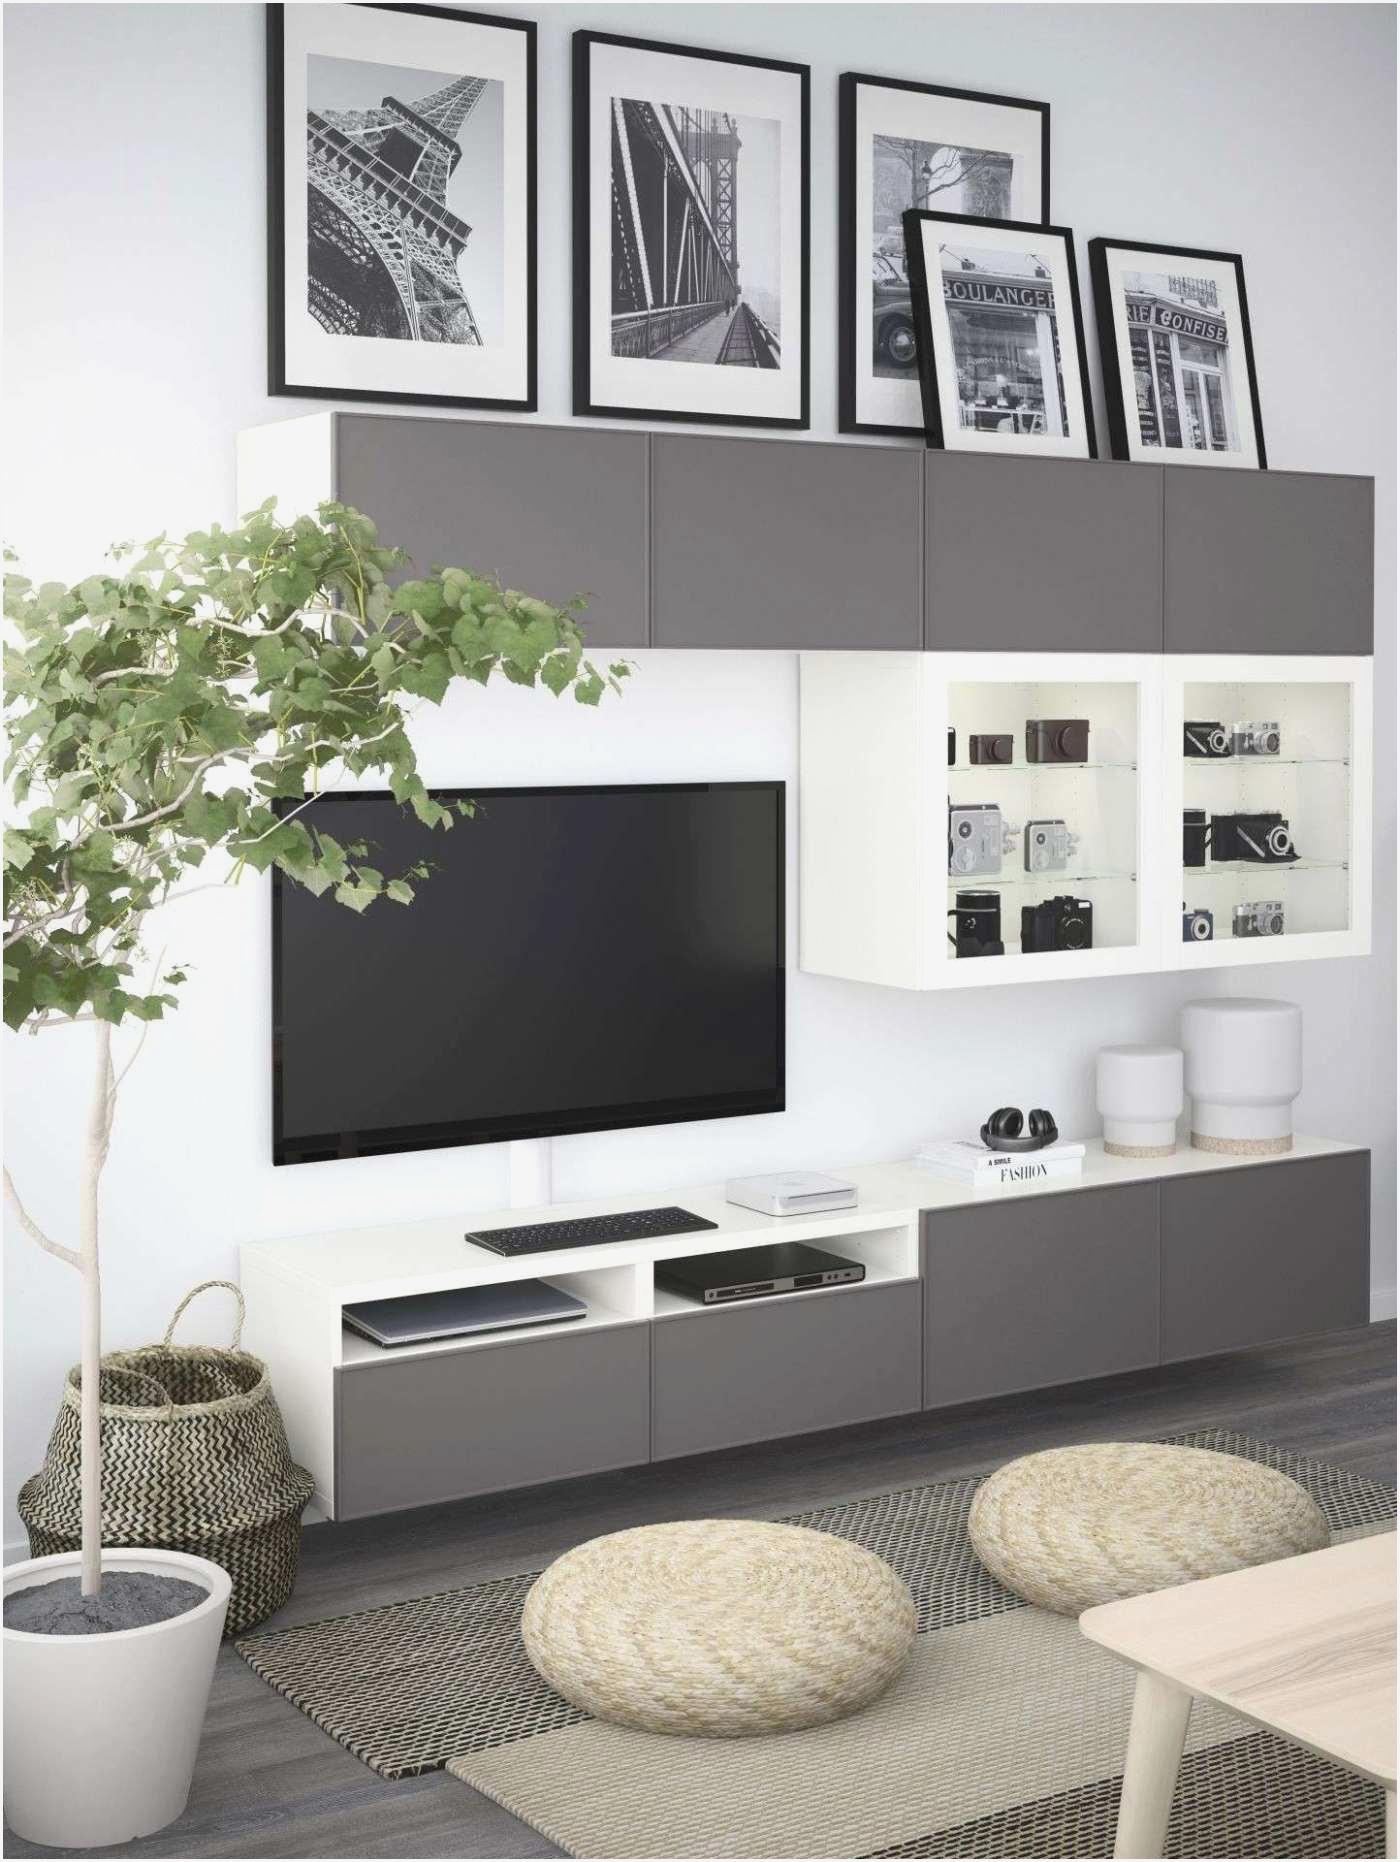 wohnzimmer bilder selber machen